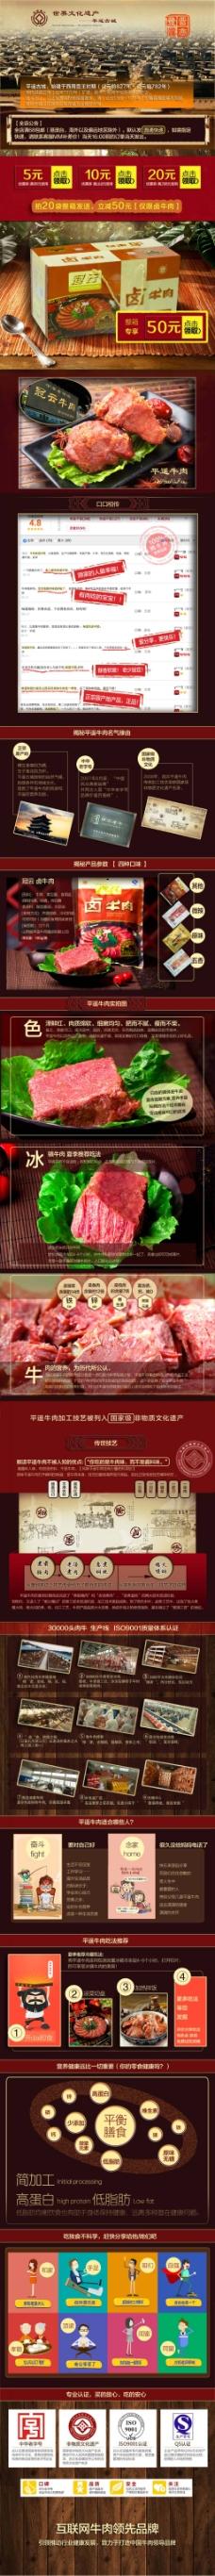 牛肉 详情页 食品 零食 牛肉详情页